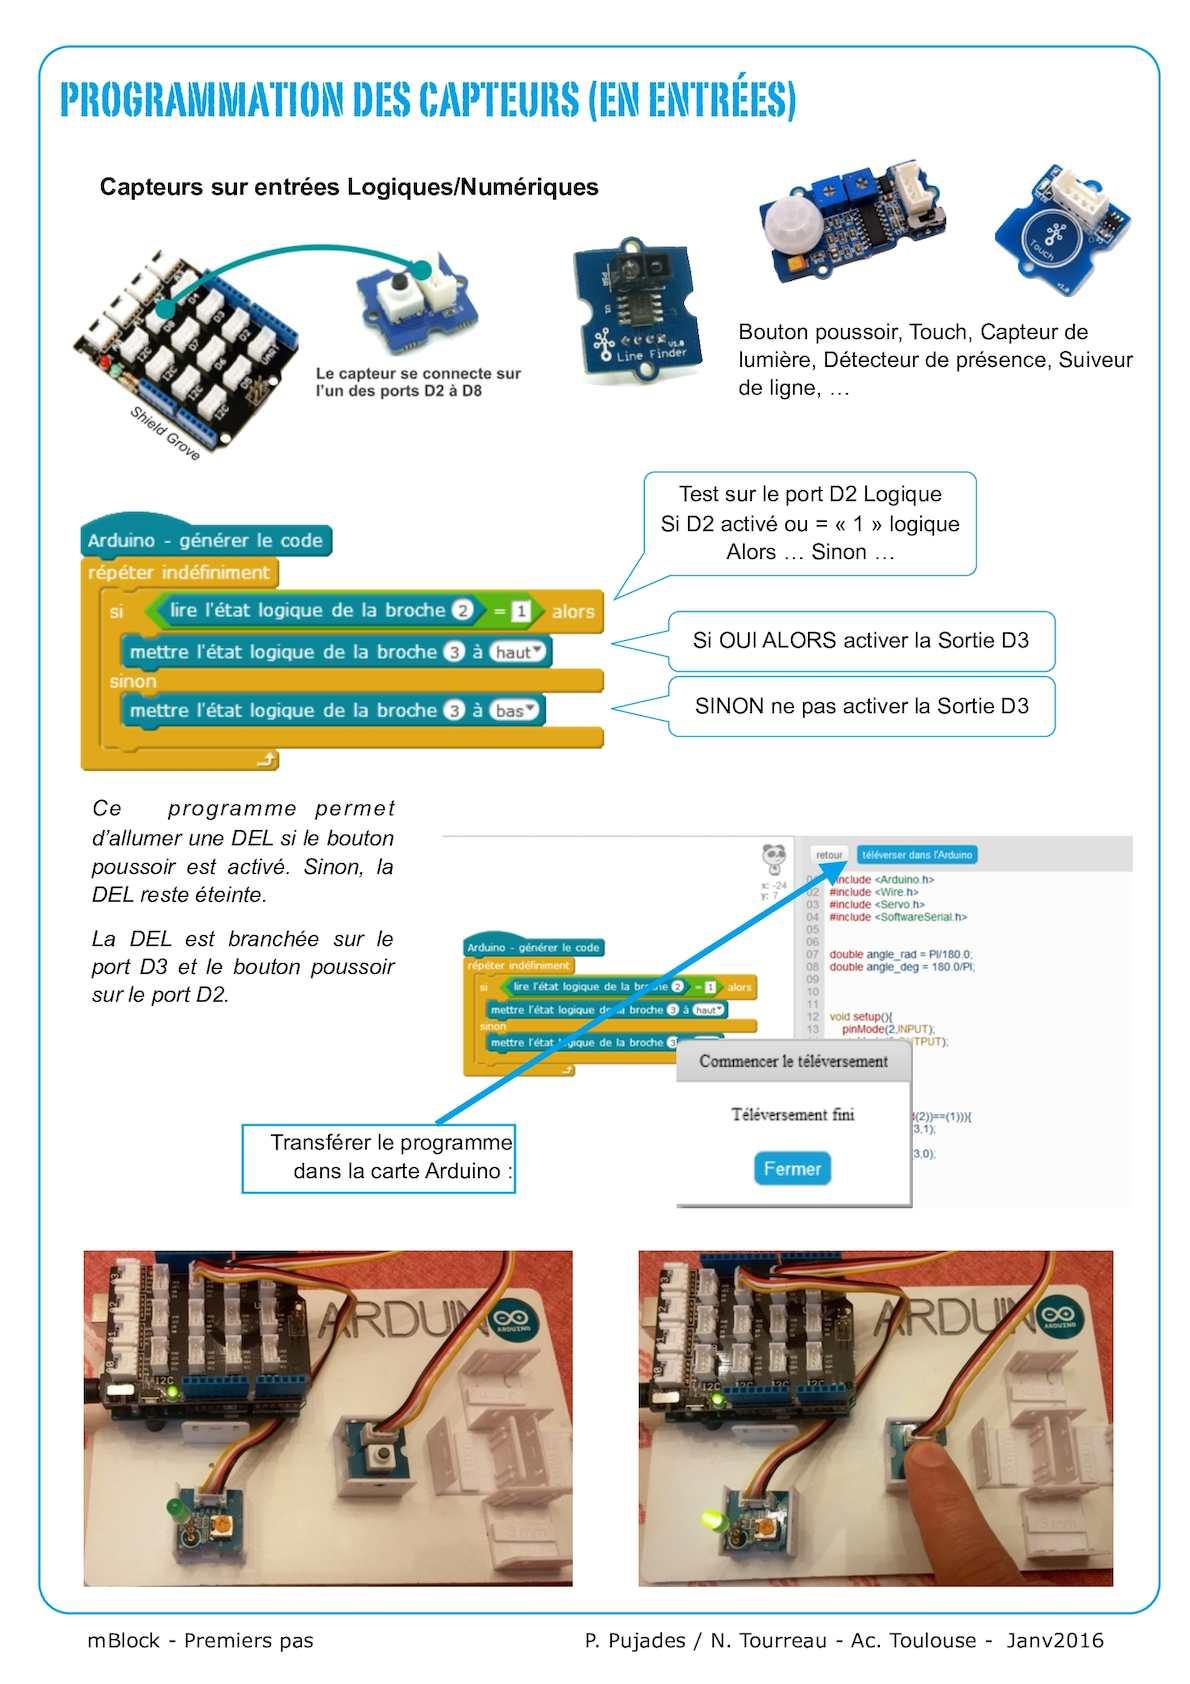 Mblock-Arduino - CALAMEO Downloader